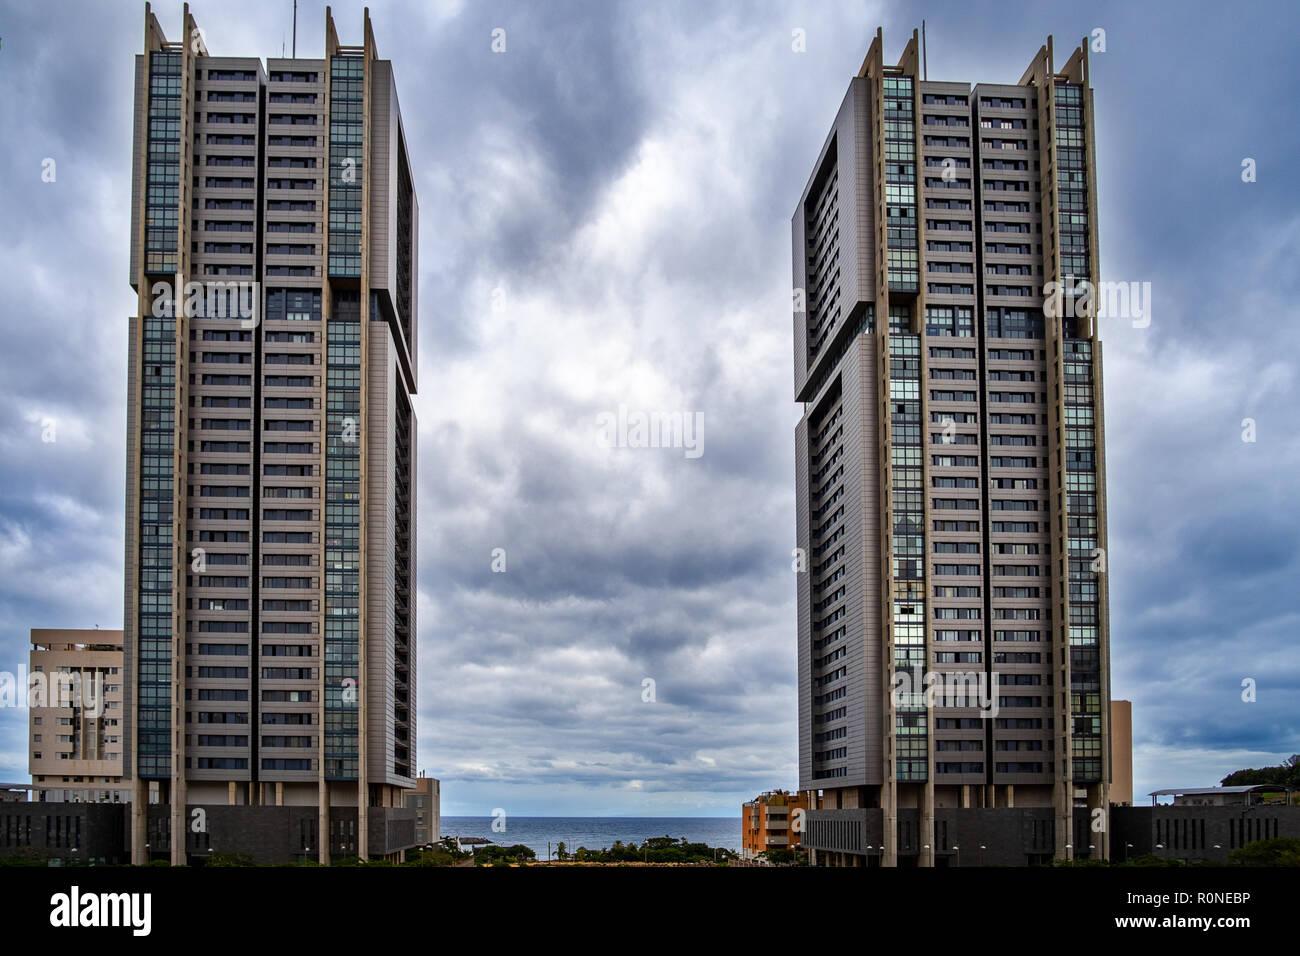 Torres de Santa Cruz - est le nom de deux tours résidentielles similaire dans le district de Cabo Llanos. Les bâtiments ont été conçus par l'architecte Julián V Banque D'Images